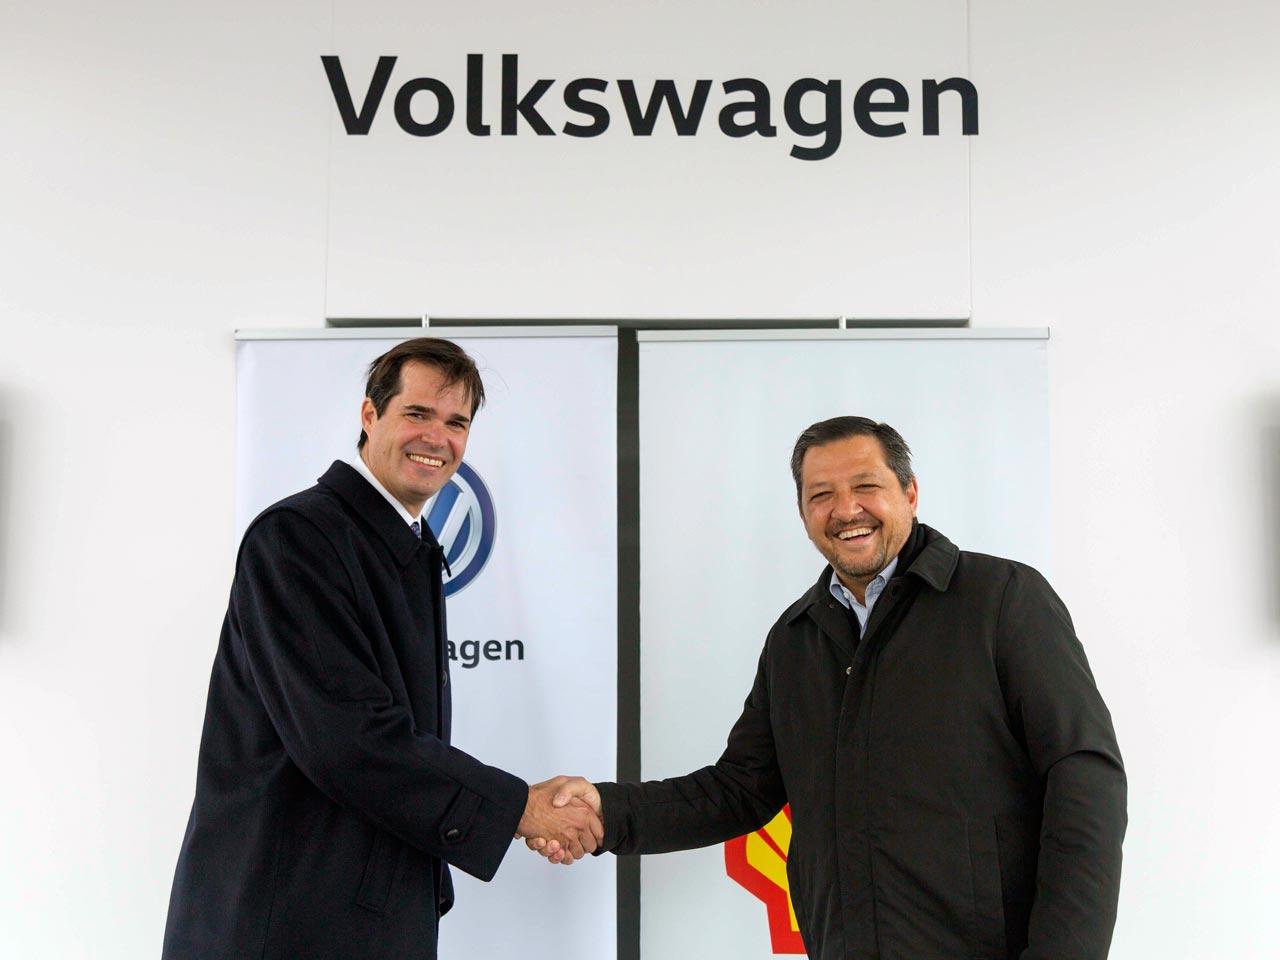 Teófilo Lacroze (CEO de Raizen Argentina, licenciataria de la marca Shell) y Hernán Vázquez (Presidente y CEO de Volkswagen Group Argentina en Volkswagen Argentina)